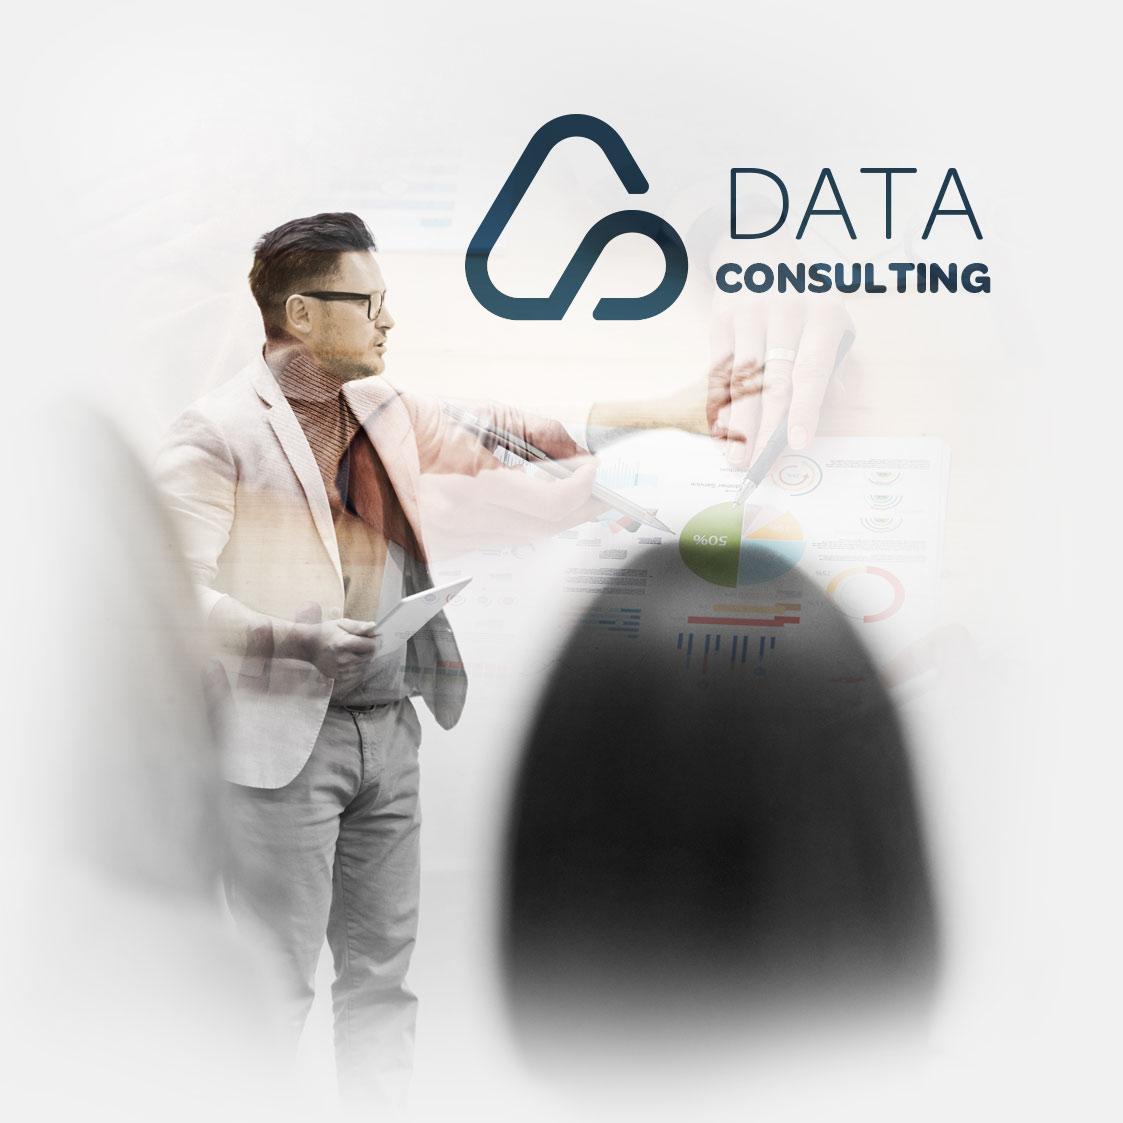 NoseDat Data Consulting